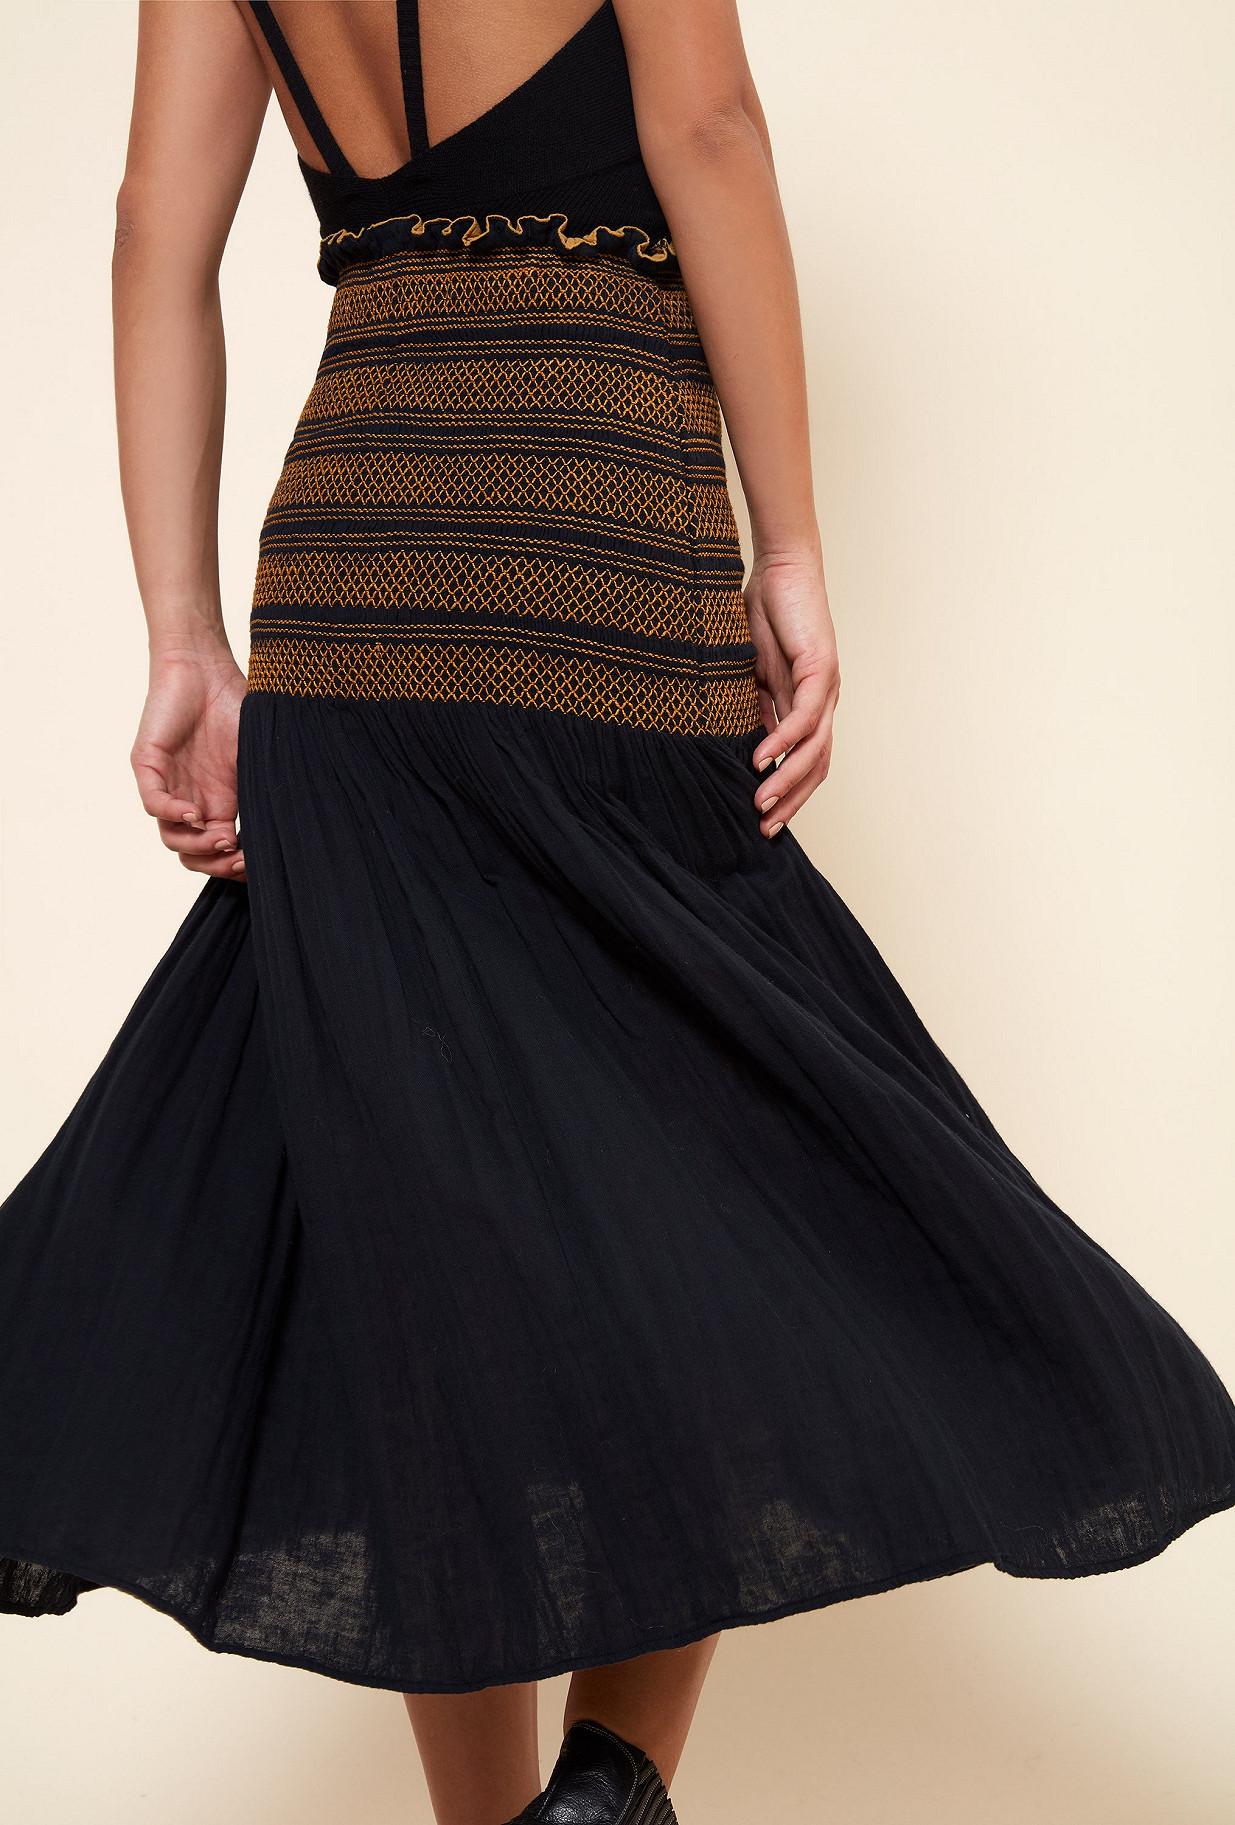 Black Skirt Toinette Mes Demoiselles Paris